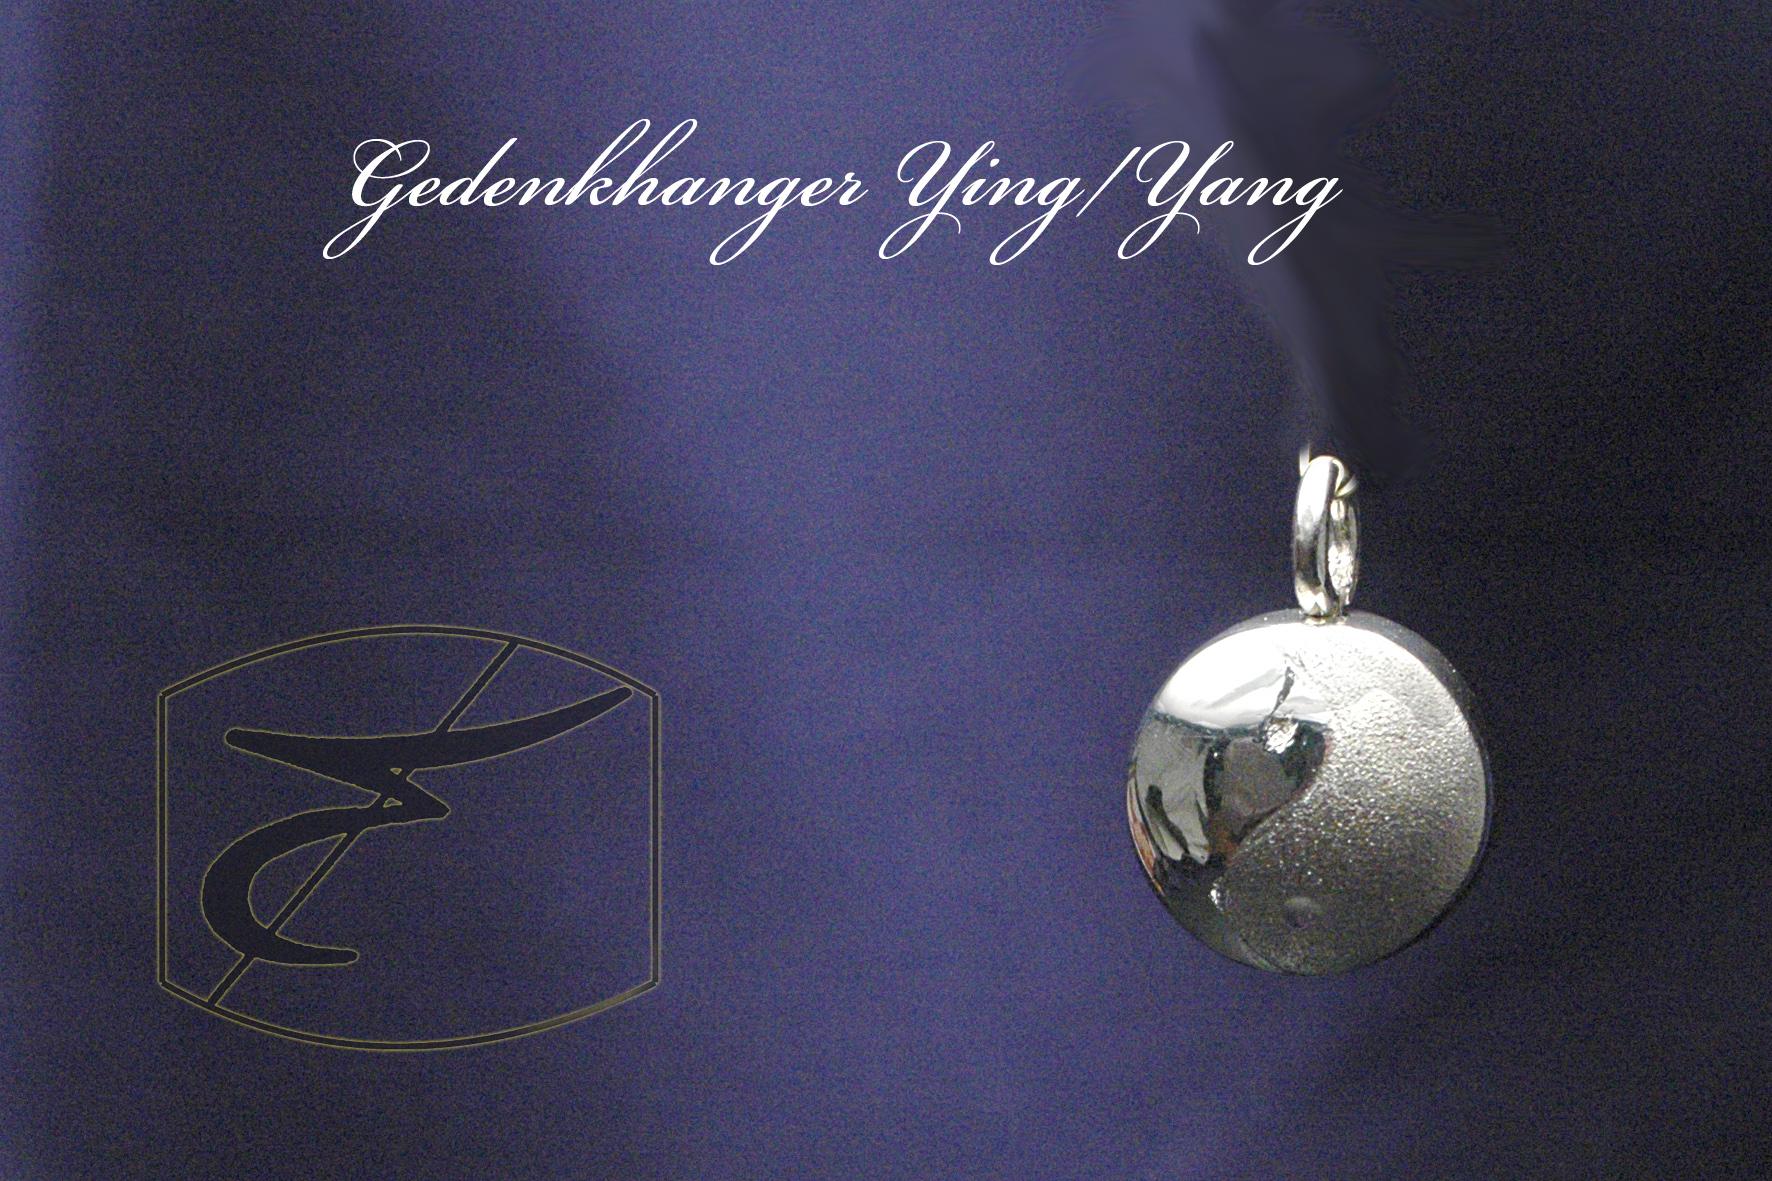 925 gedenkhanger depoortere ying yang1